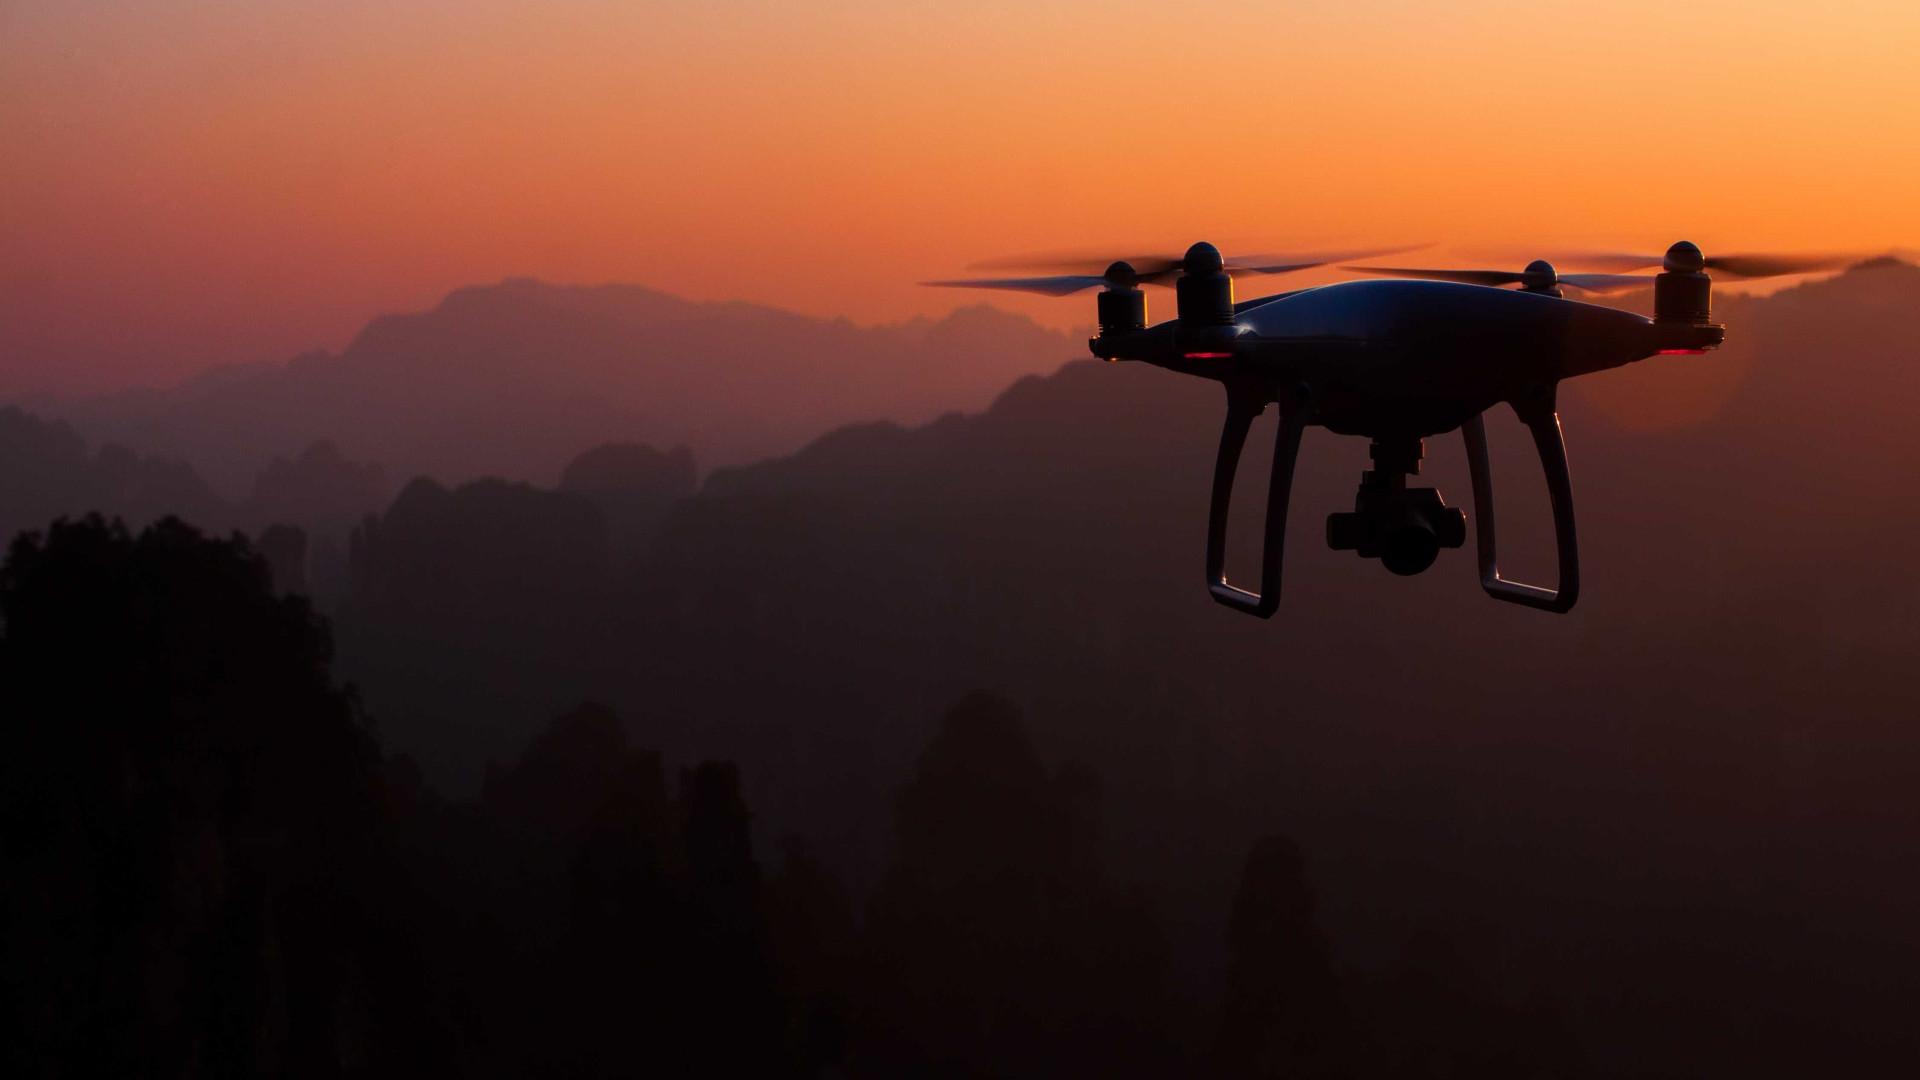 Portarias sobre registo e seguros de drones aprovadas até final do verão